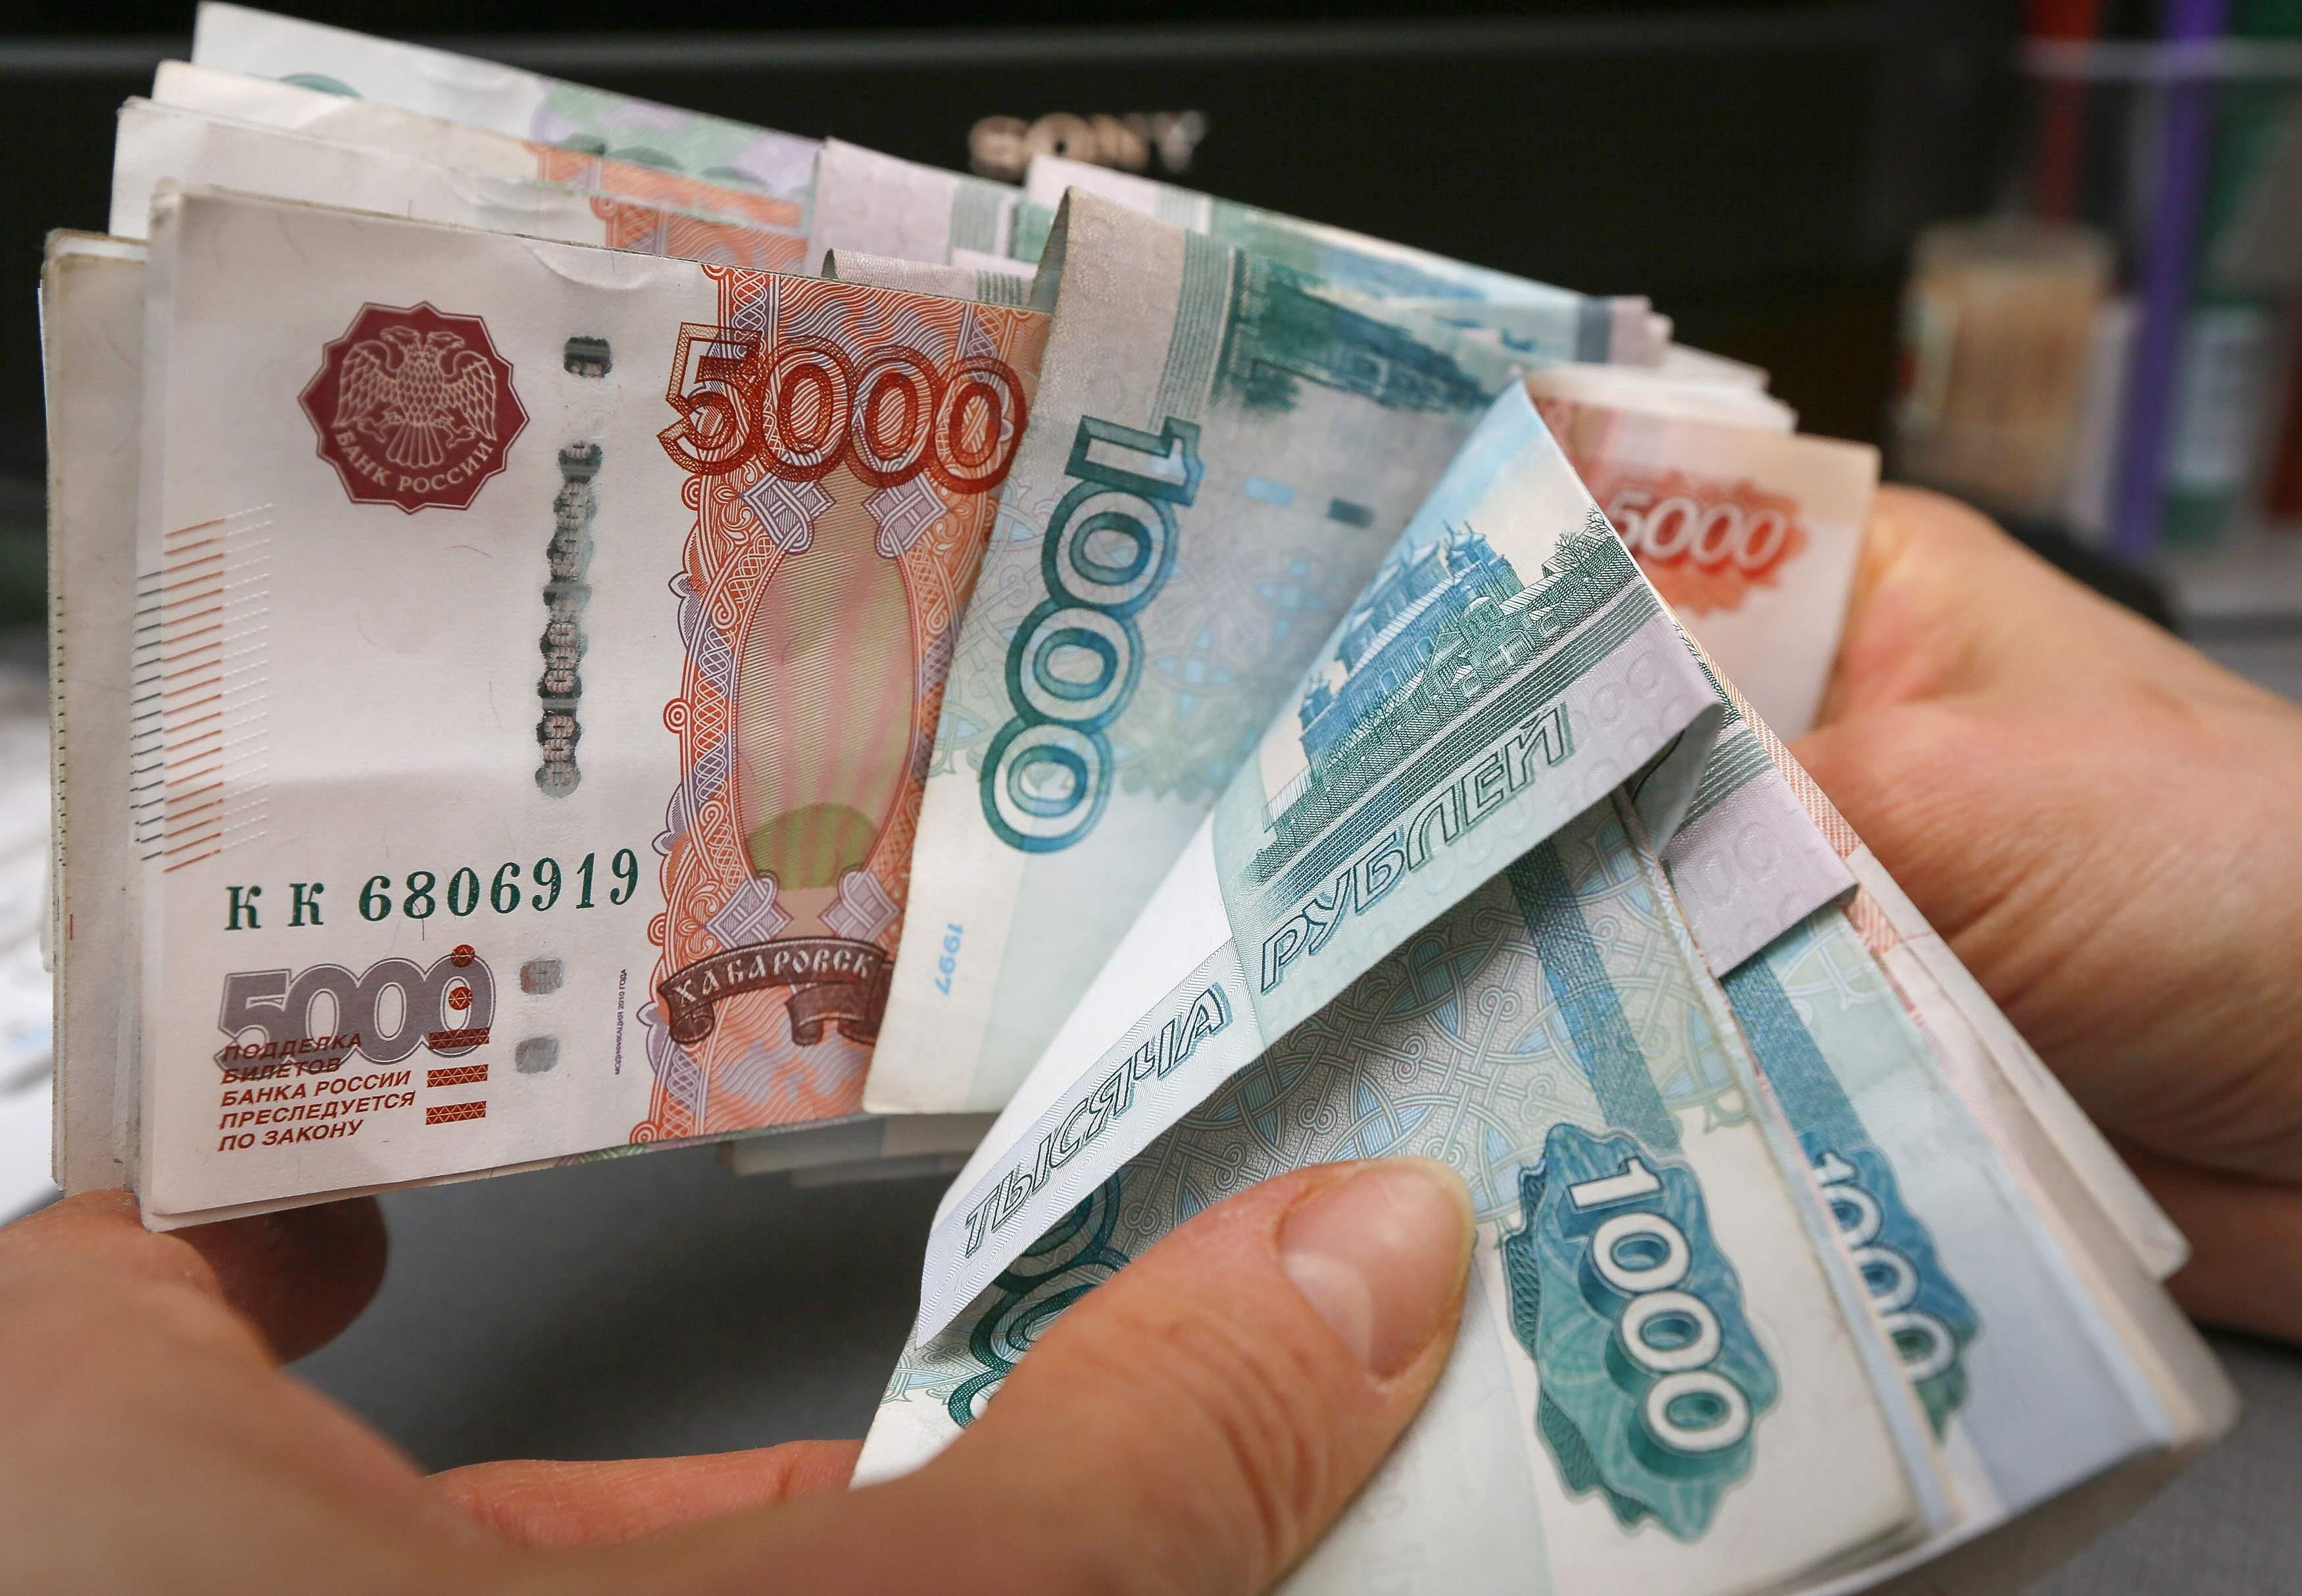 2014-12-26t103057z3lynxmpeabp05jrtroptp4russia-crisis-rouble